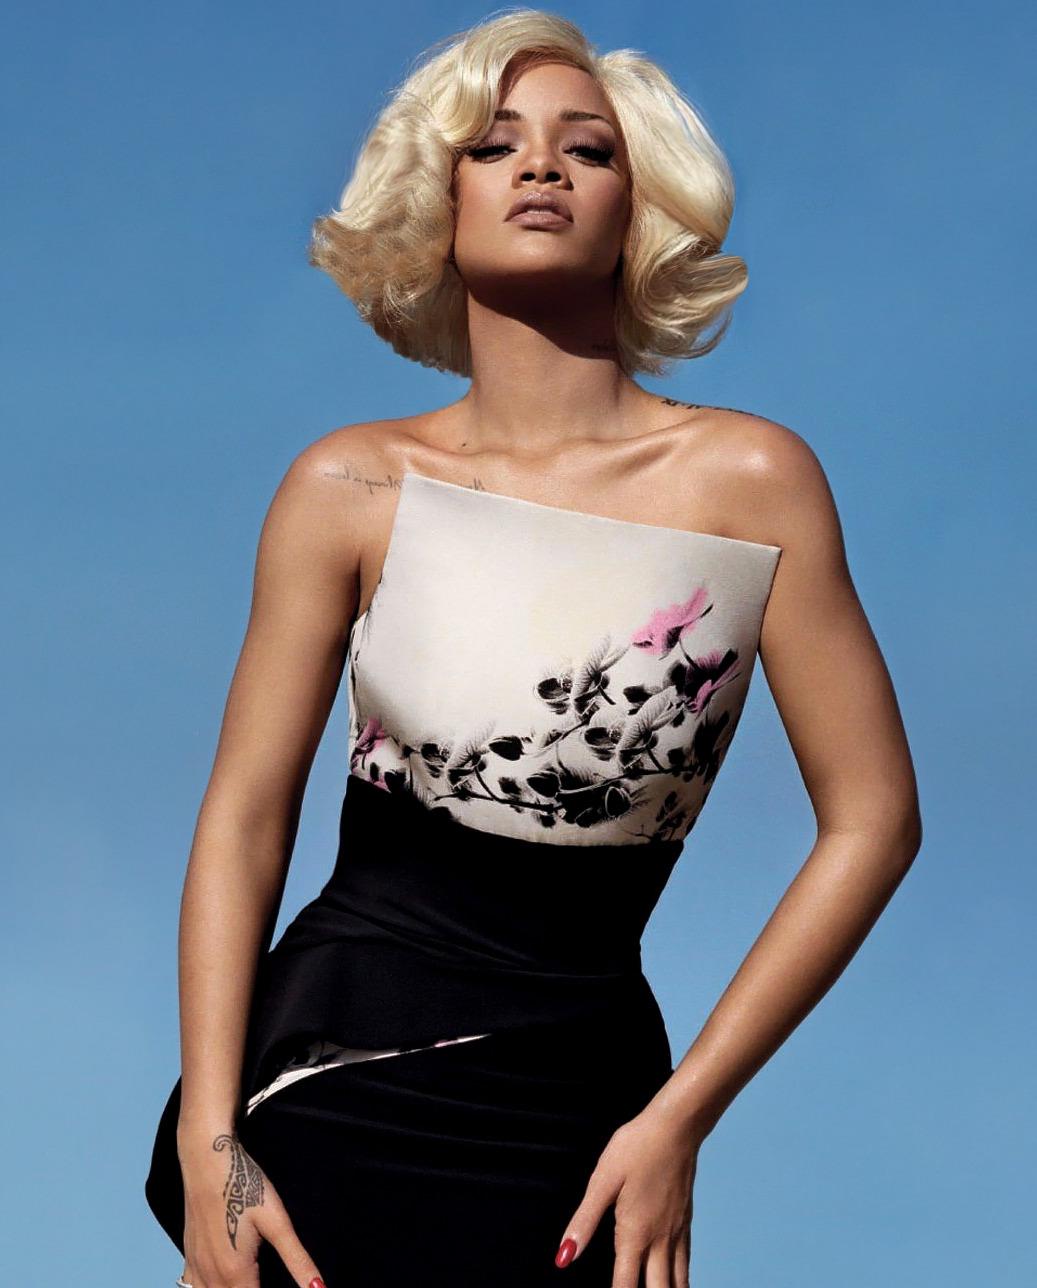 Rihanna .  - Page 39 Tumblr_m9i9zgPJ4A1qgy8r3o1_1280